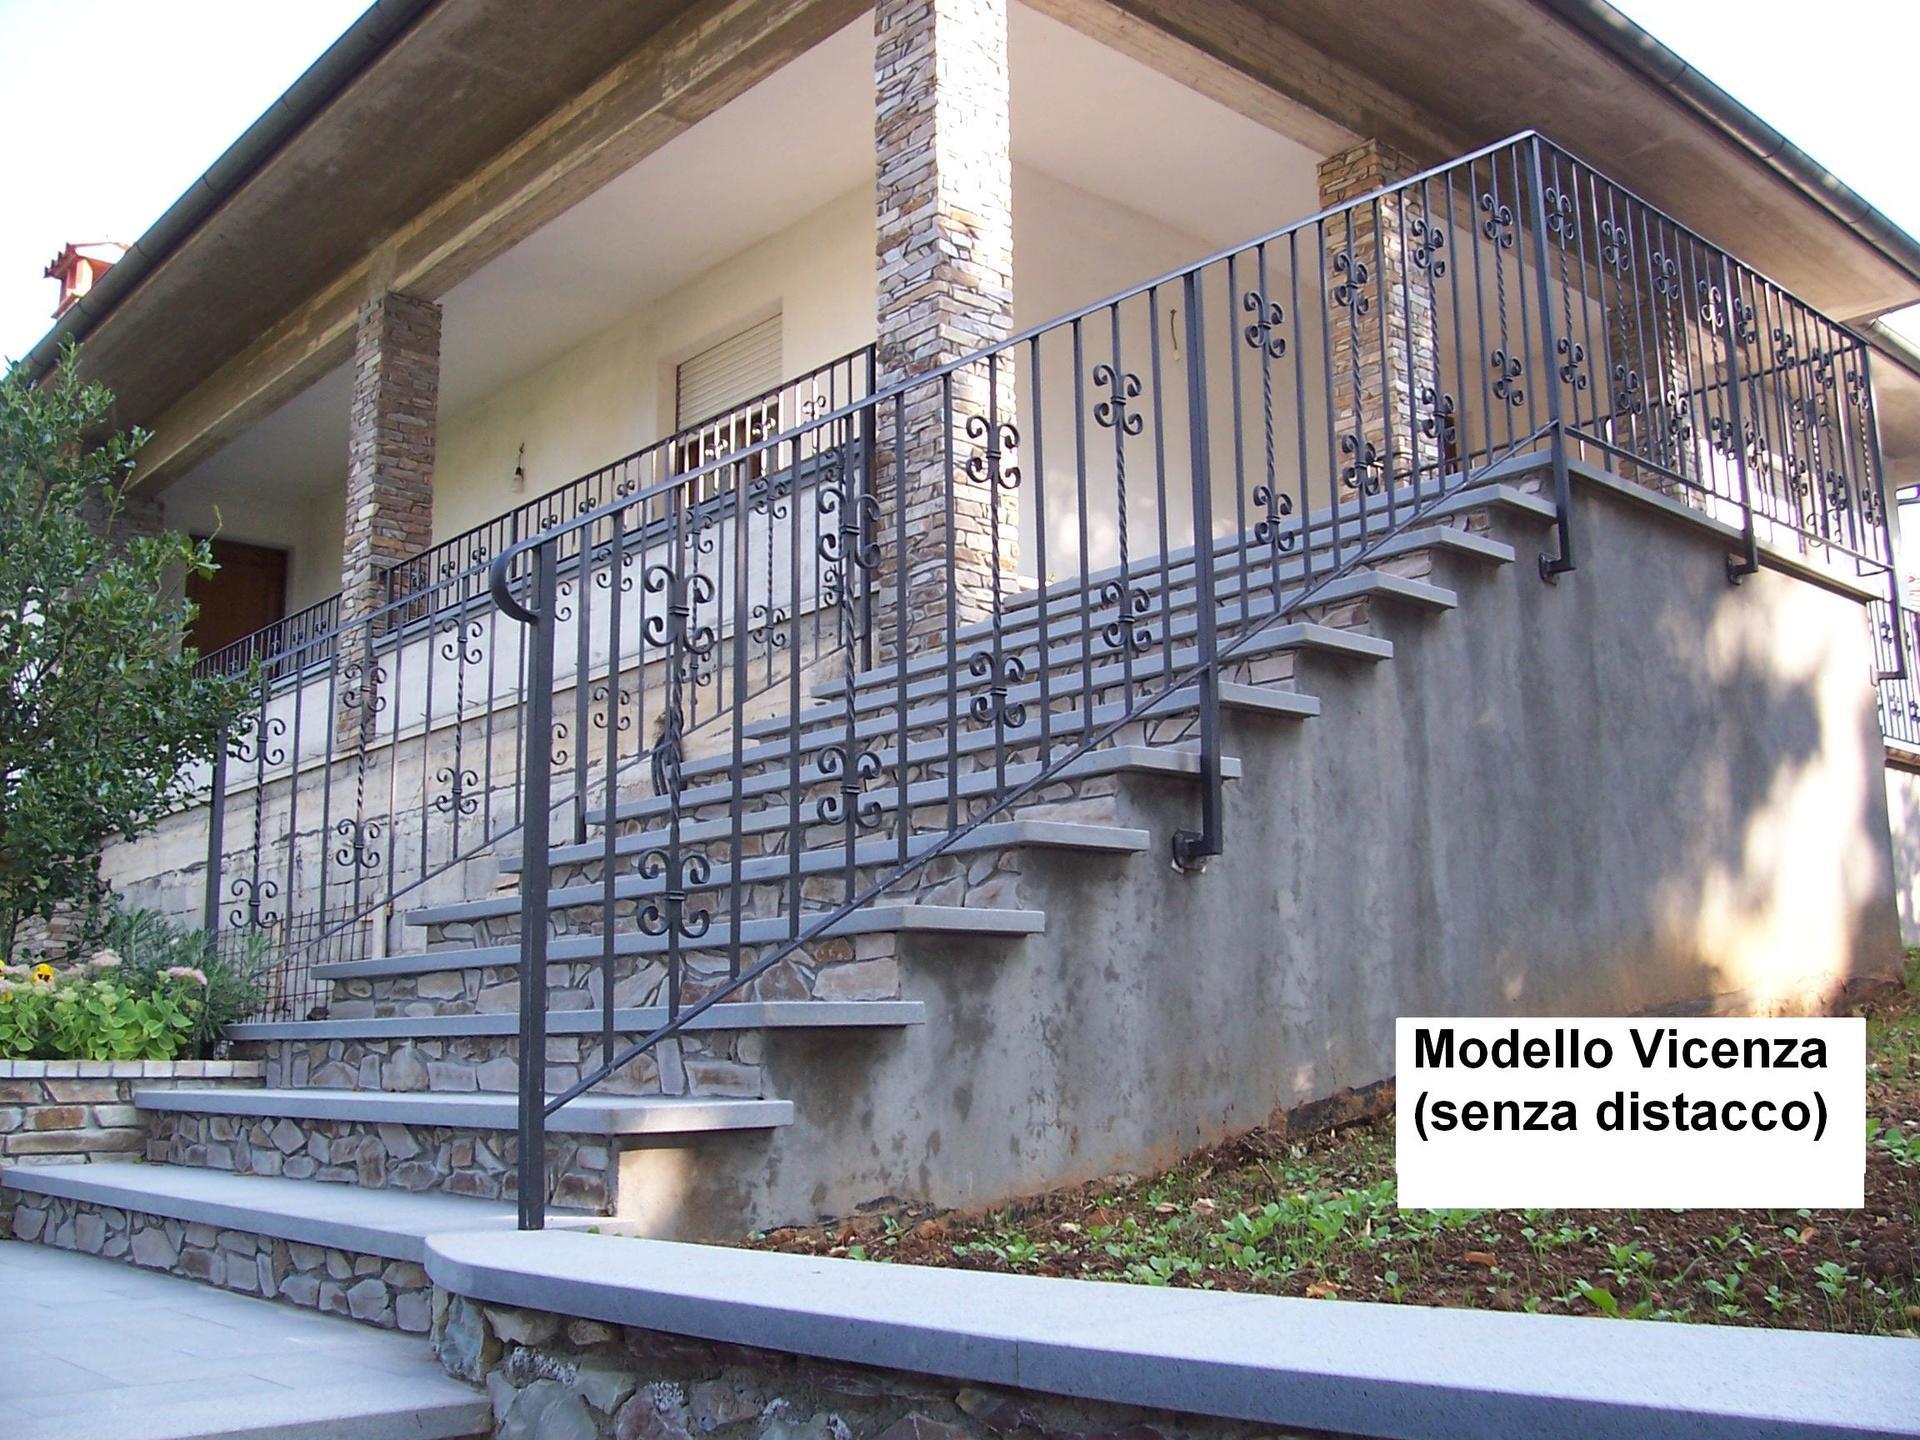 Ringhiera in scala di una casa Modello Vicenza